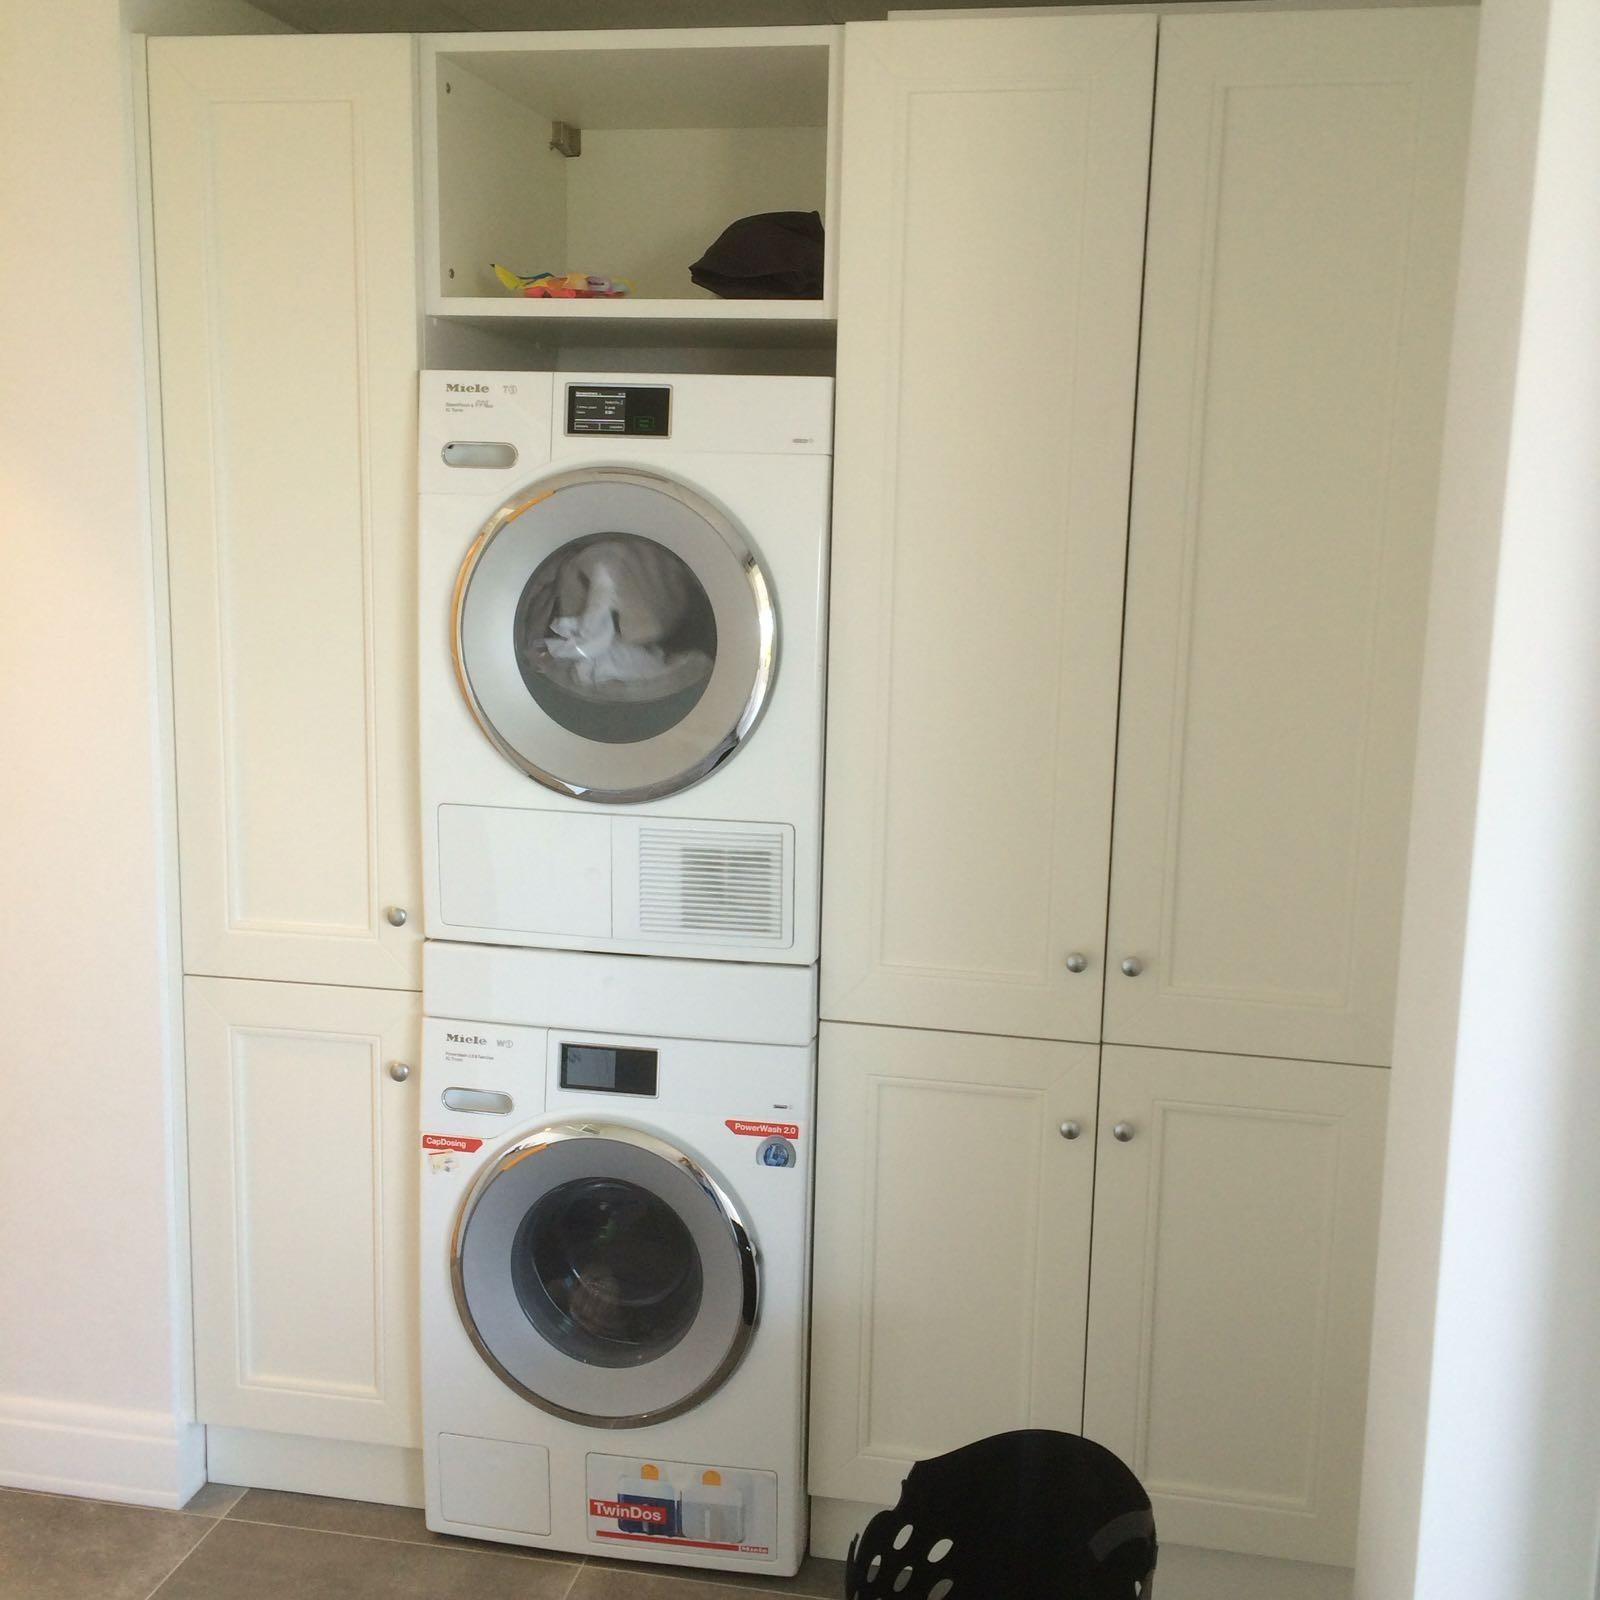 Mobili per bagno e lavanderia su misura fadini mobili cerea verona - Mobili lavanderia su misura ...